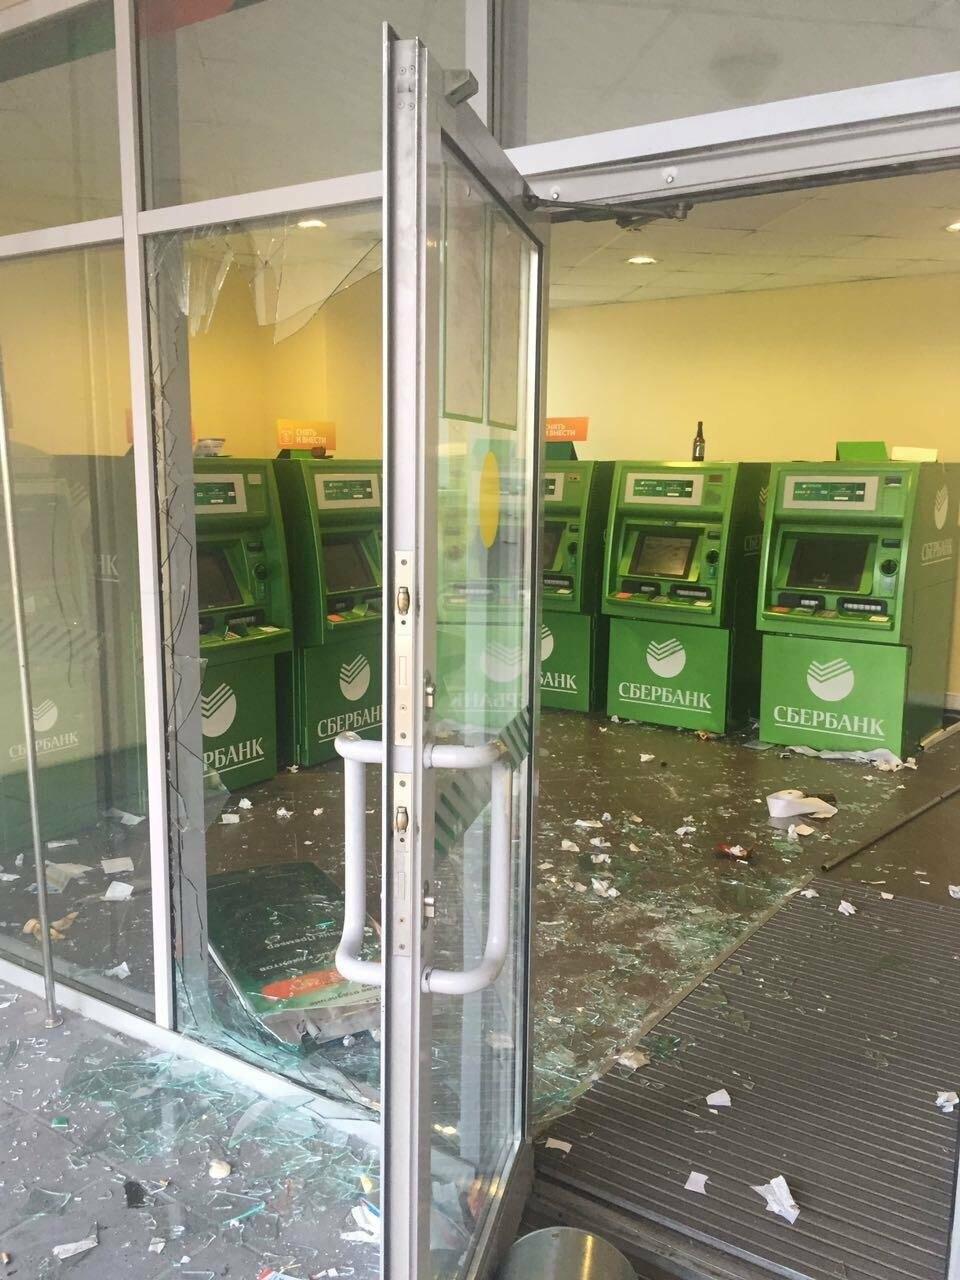 Пьяный мужчина урной разбил витрины отделения Сбербанка на Садовой, фото-5